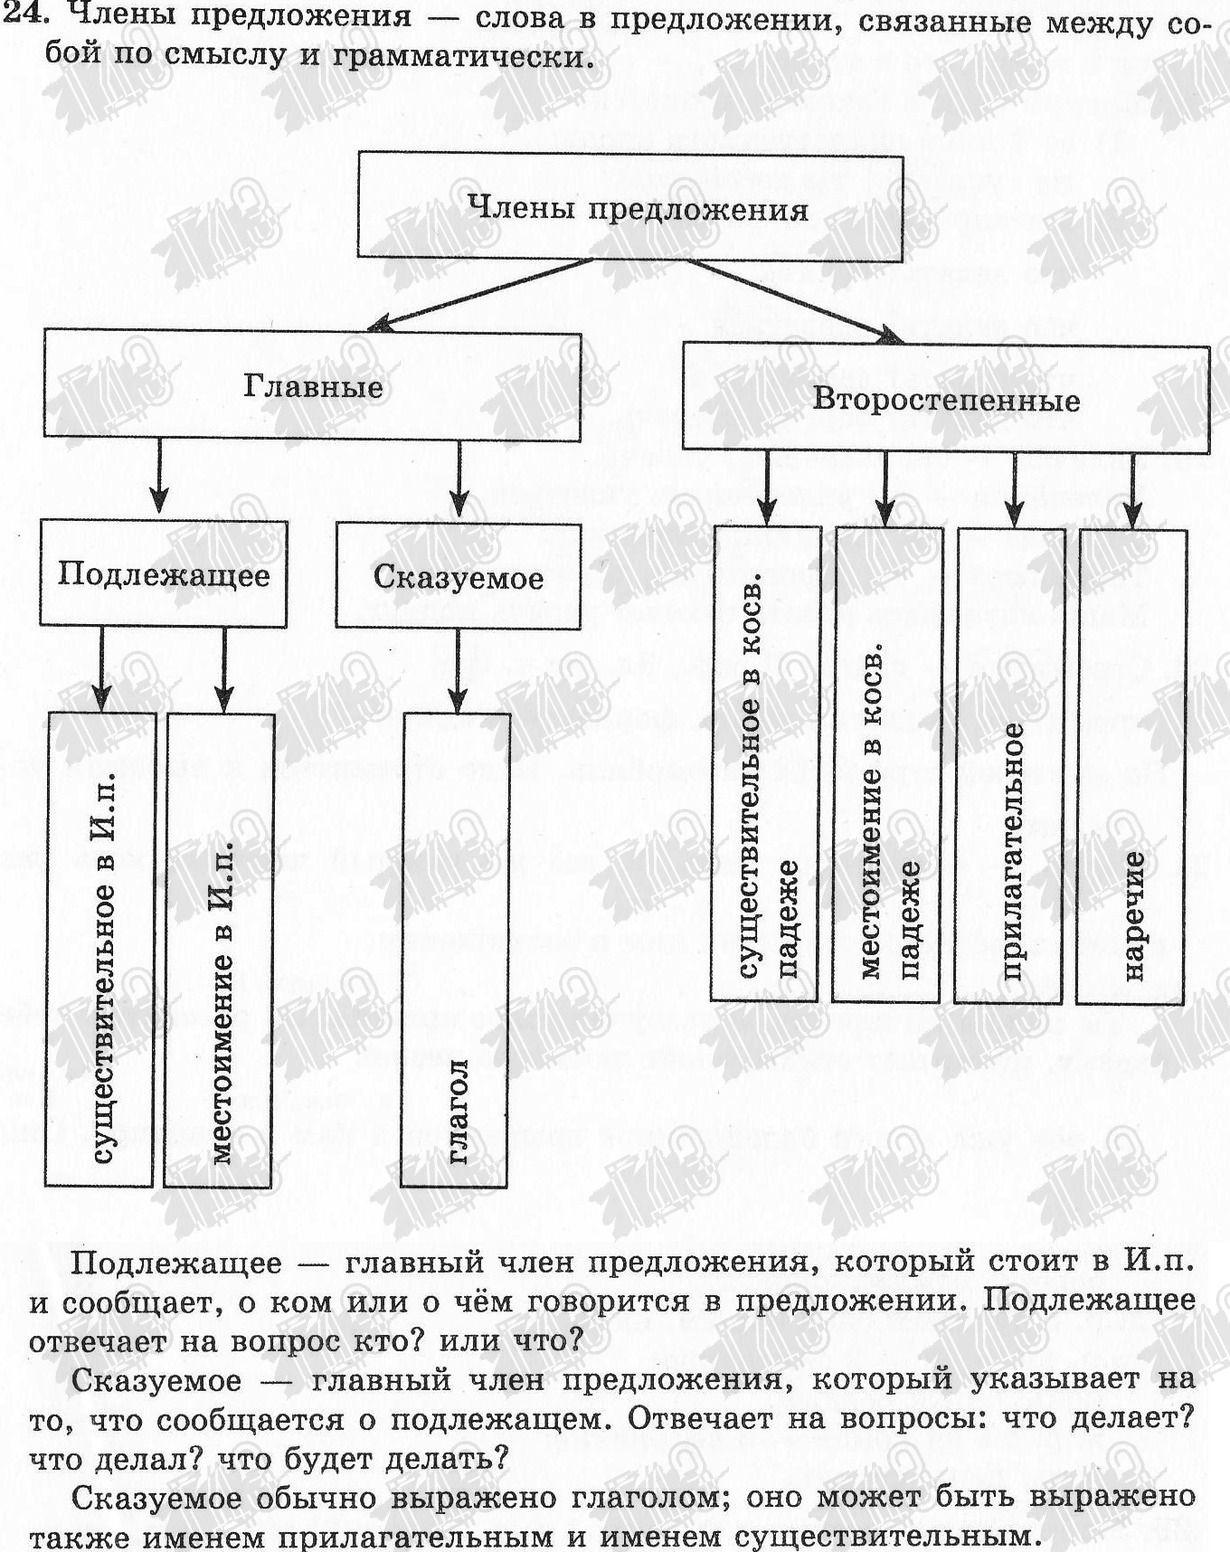 Практическая работа по истории украины параграф 9 т.в.ладыченко 7 класс